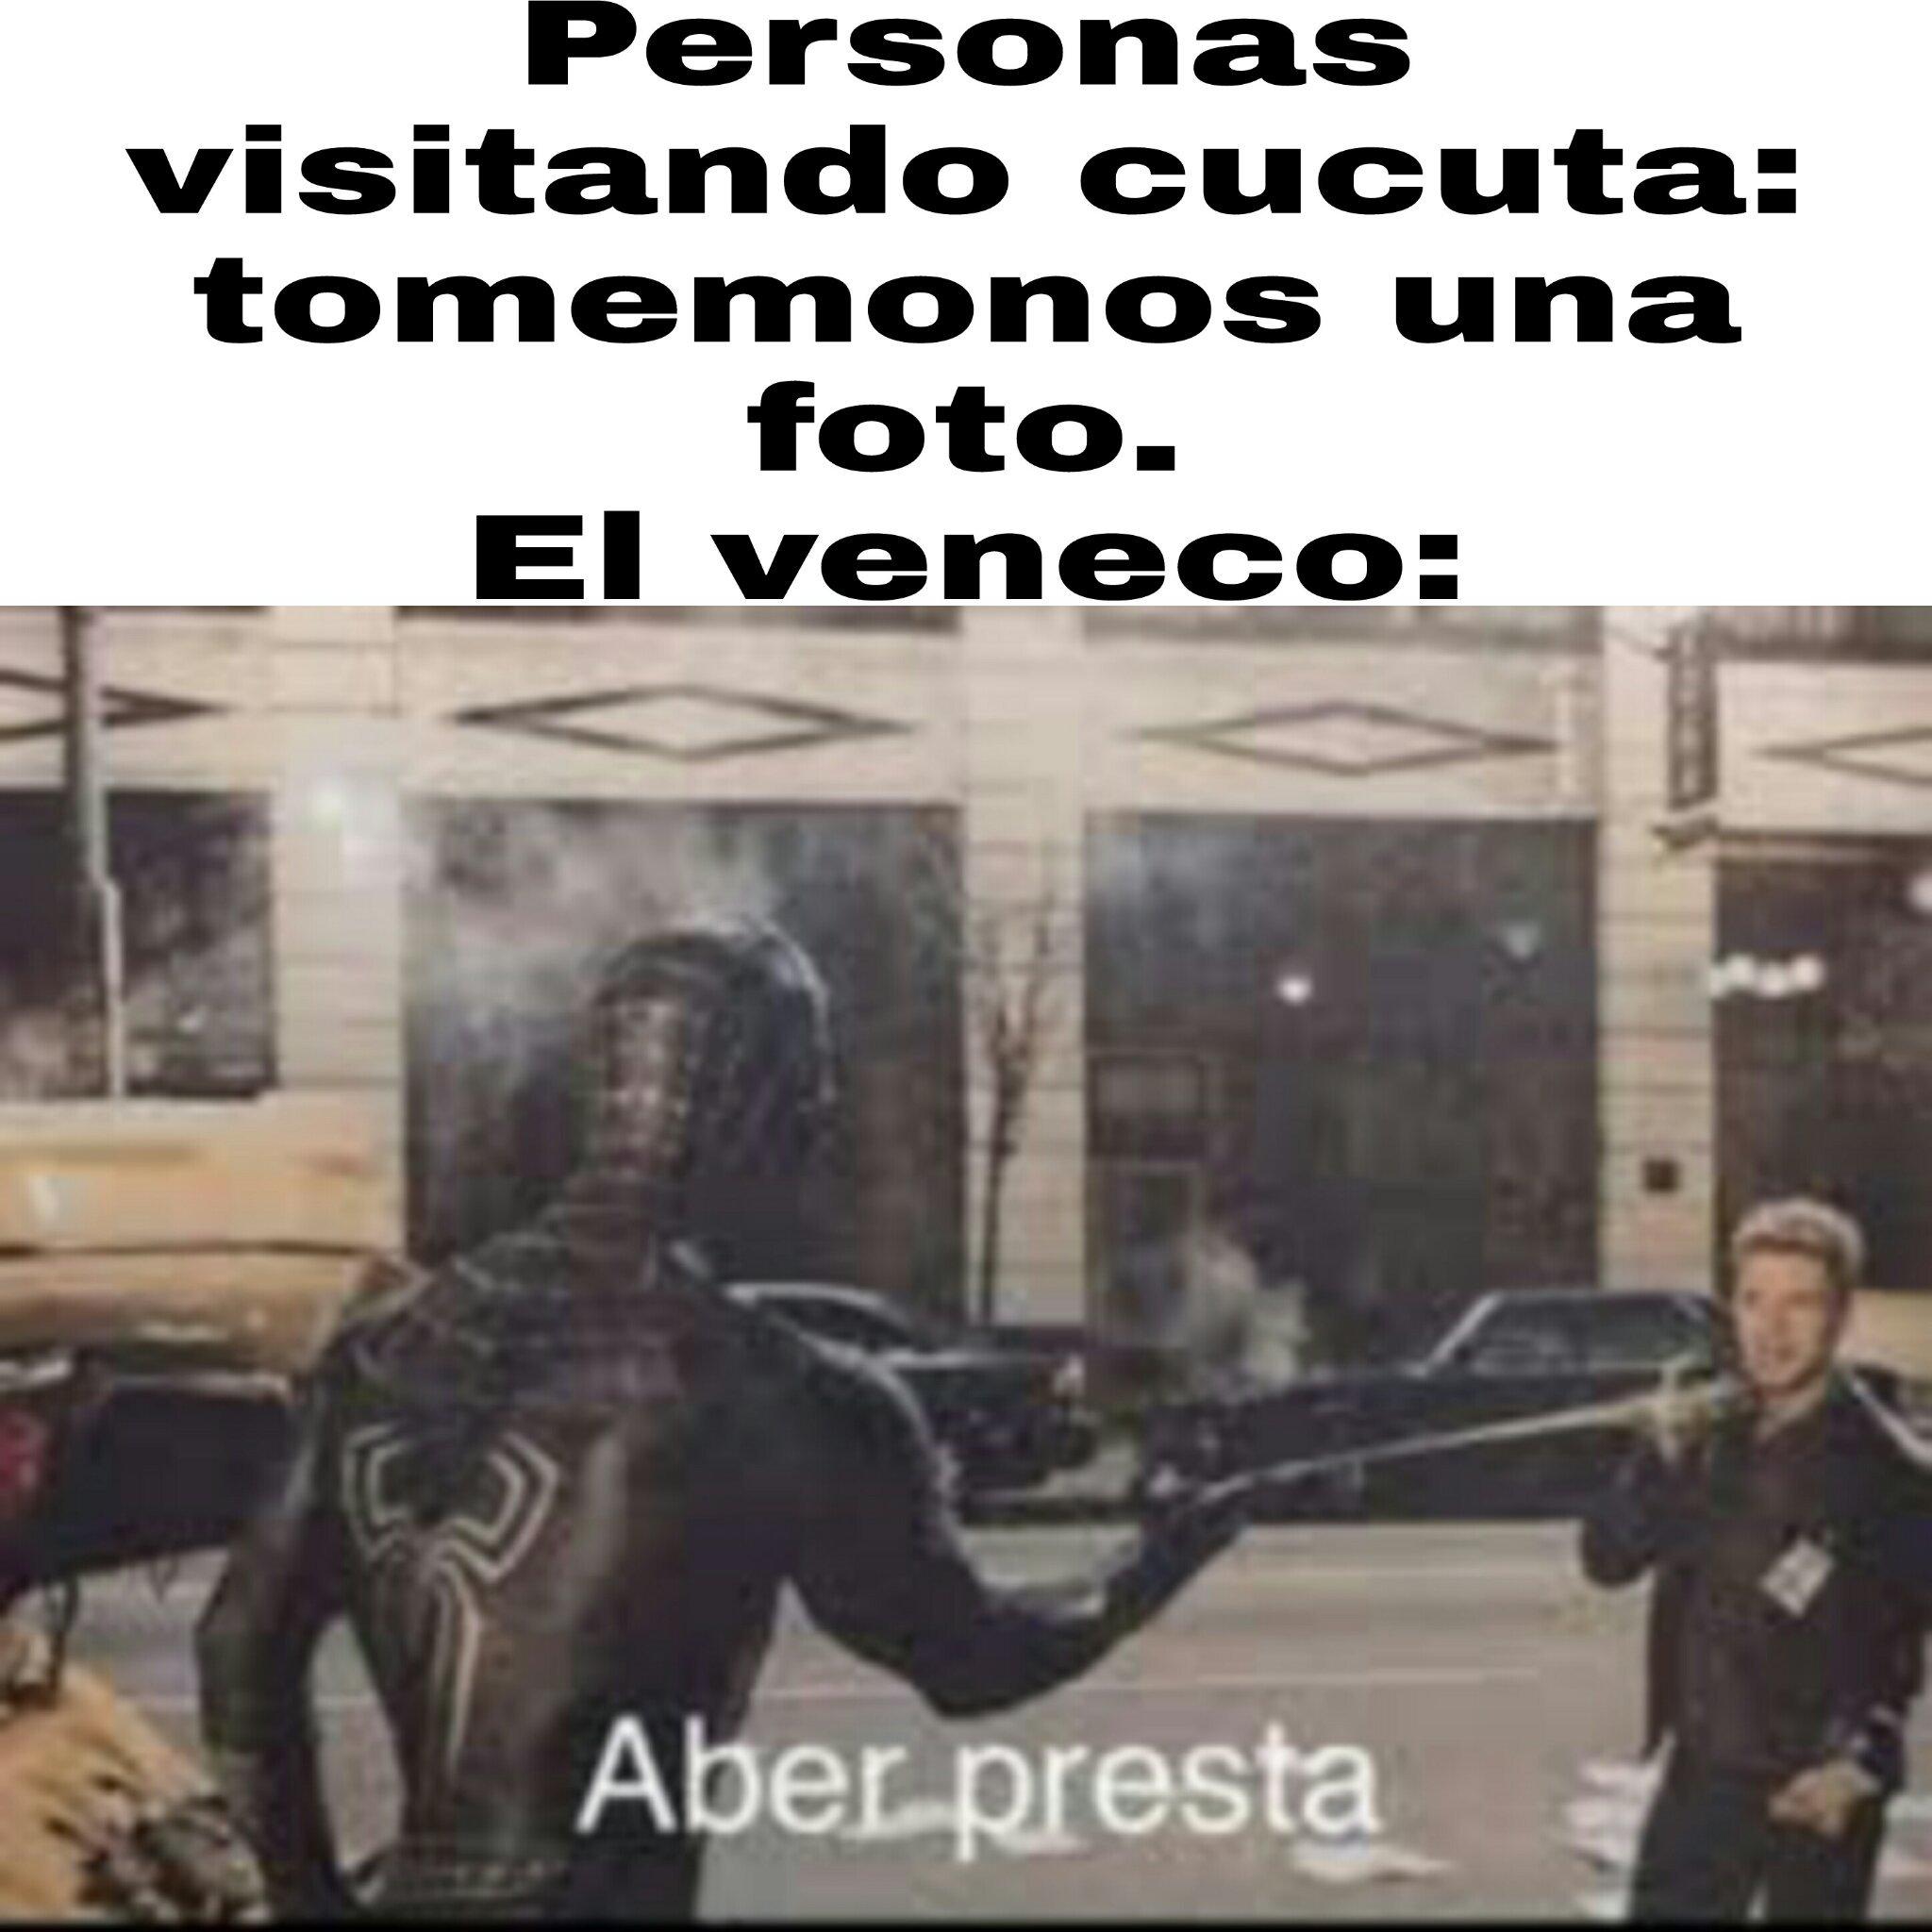 Meme malo de los venezolanos